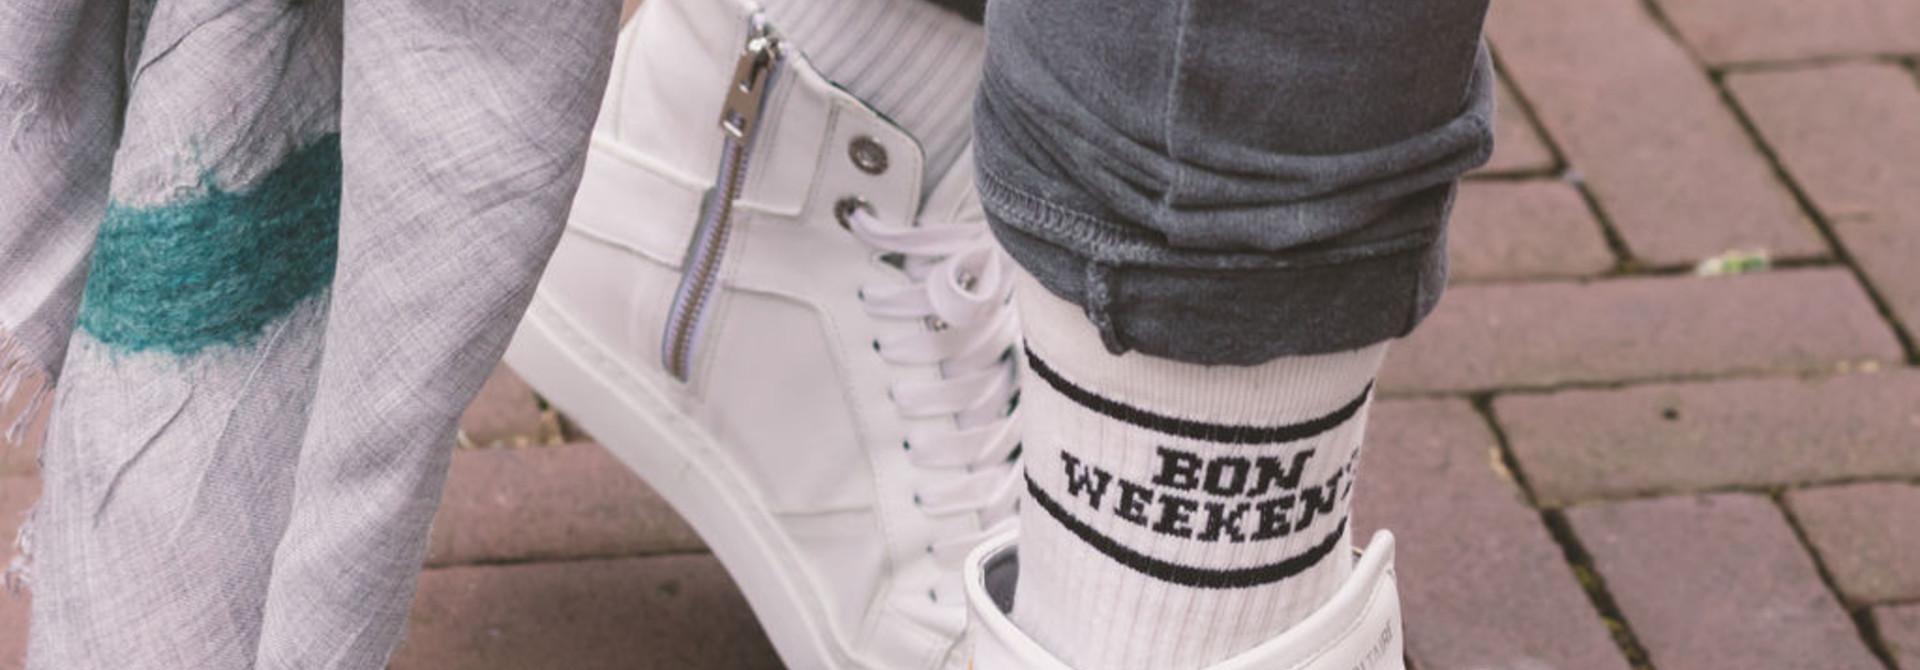 Tennis Socks Bonne Weekend